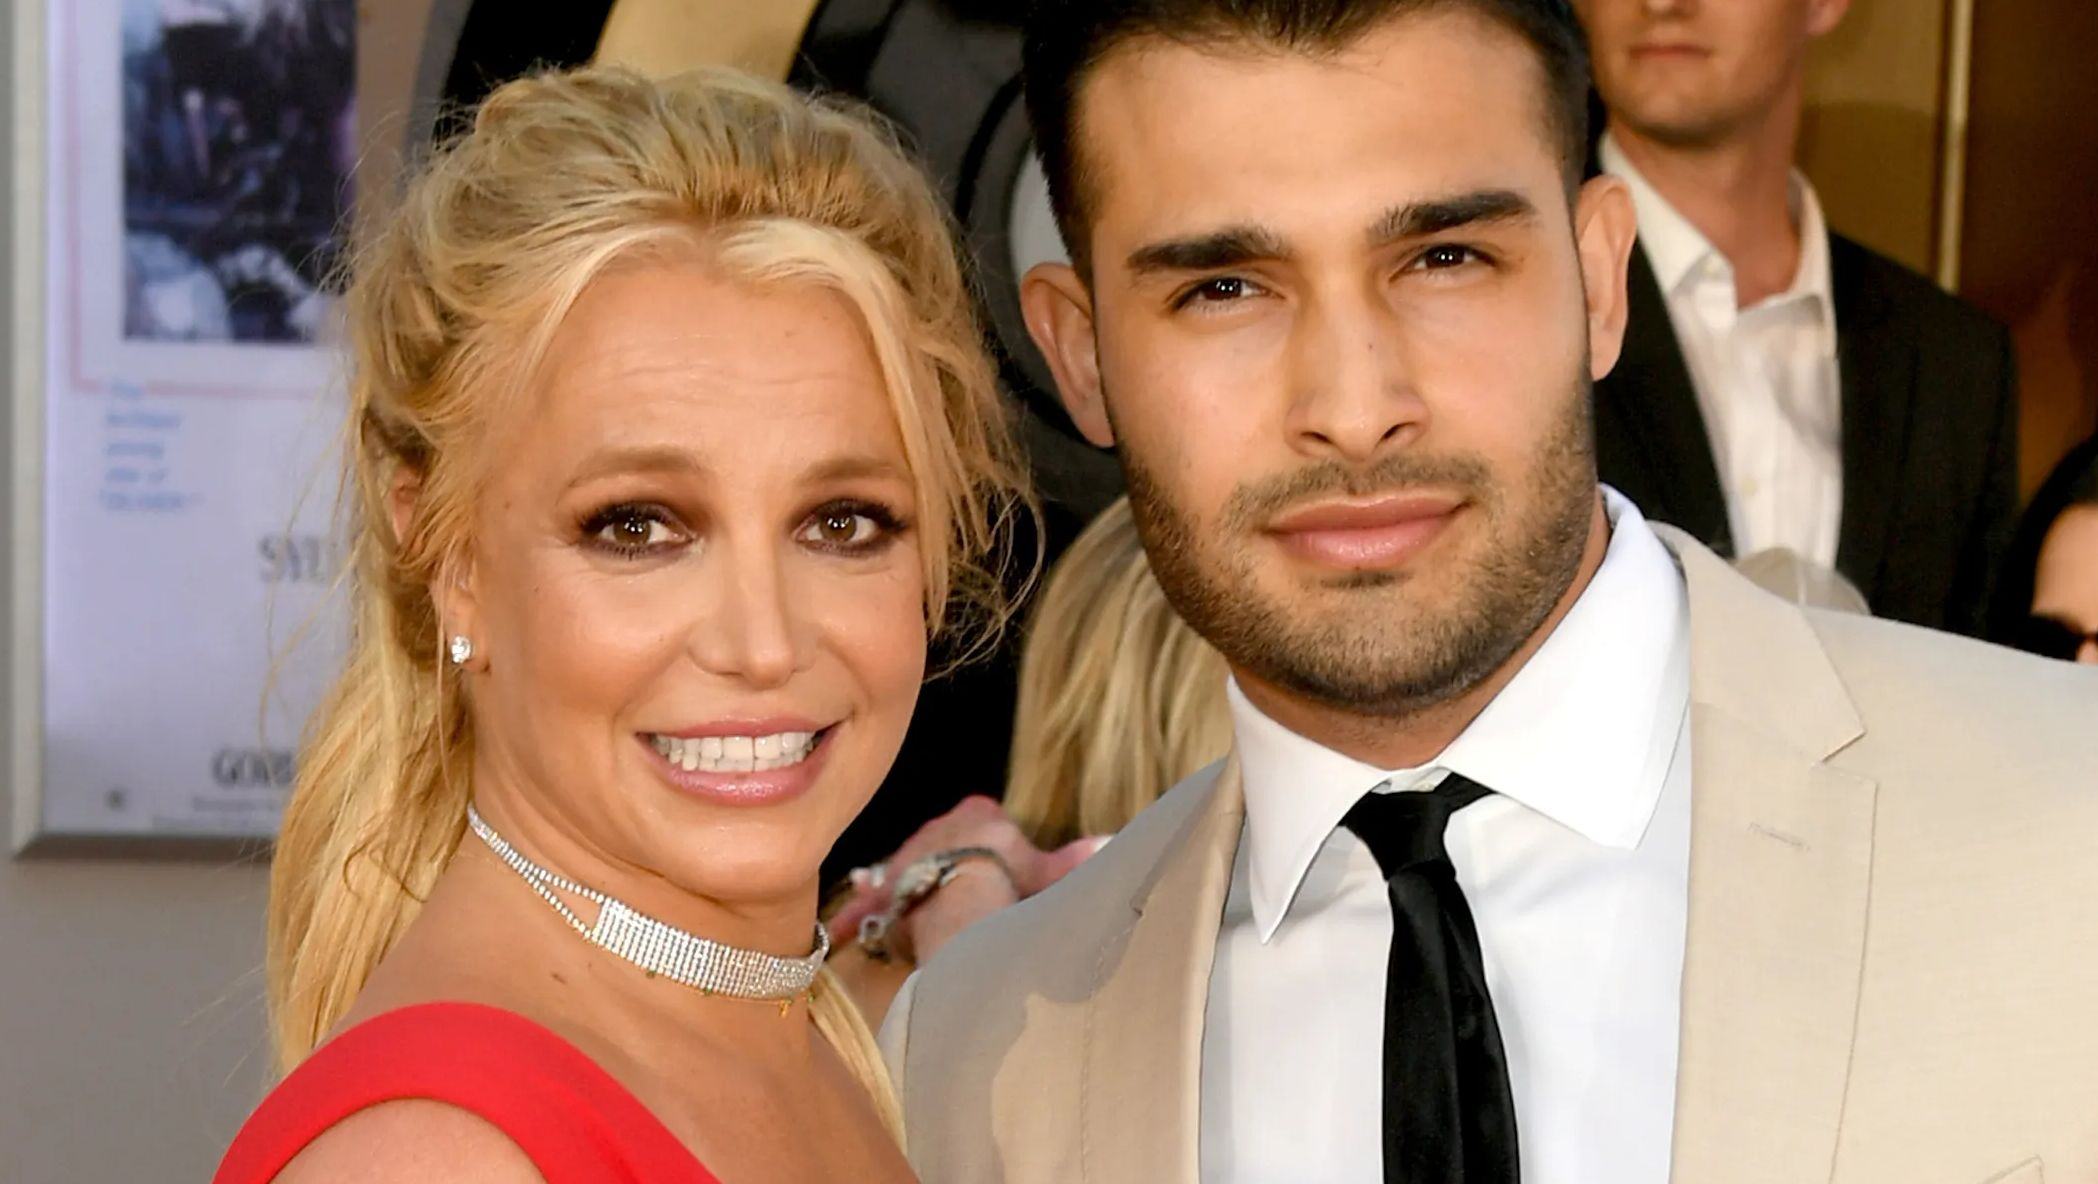 Britney Spears & Sam Asghari close up